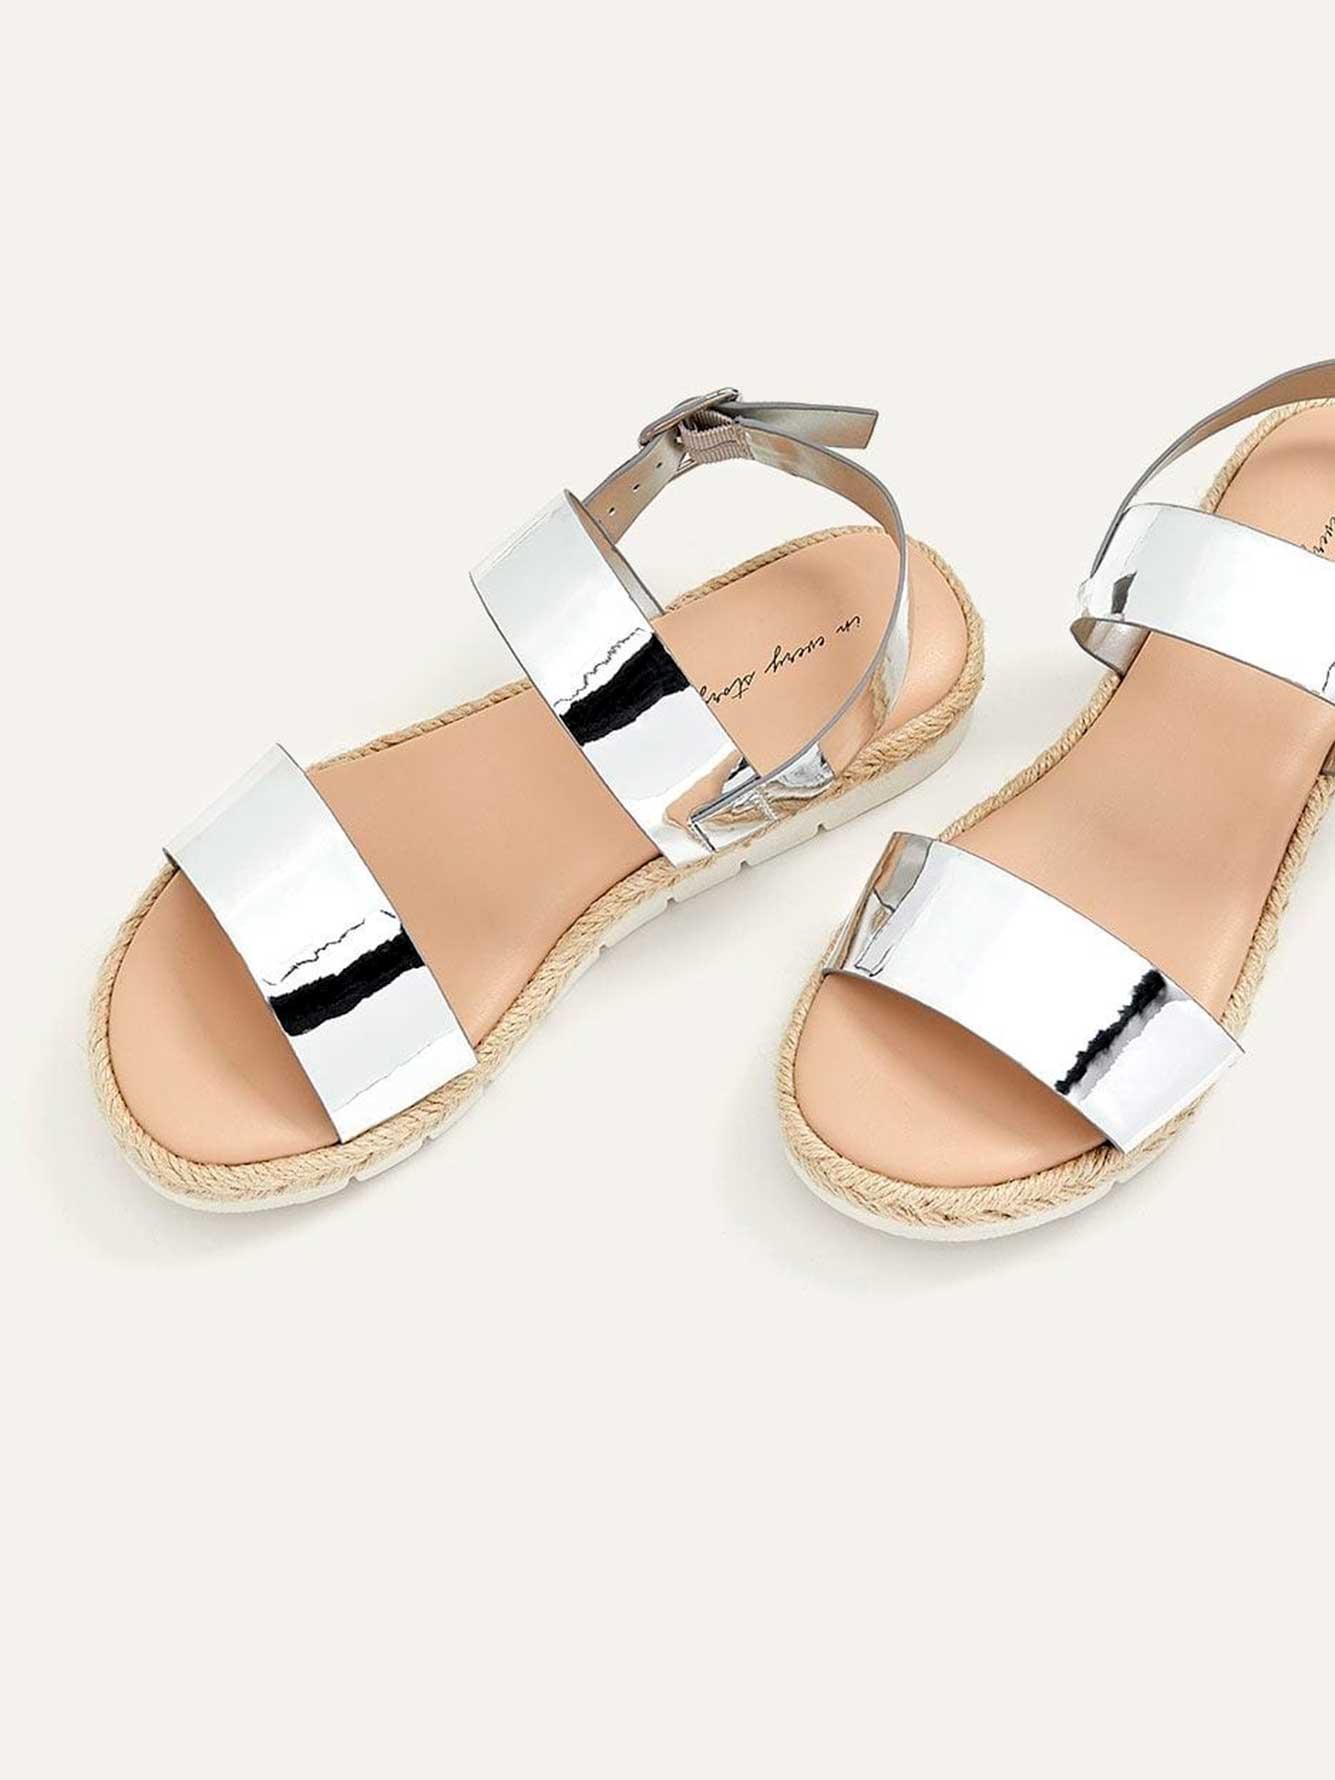 Wide Flat Metallic Sandals   Penningtons